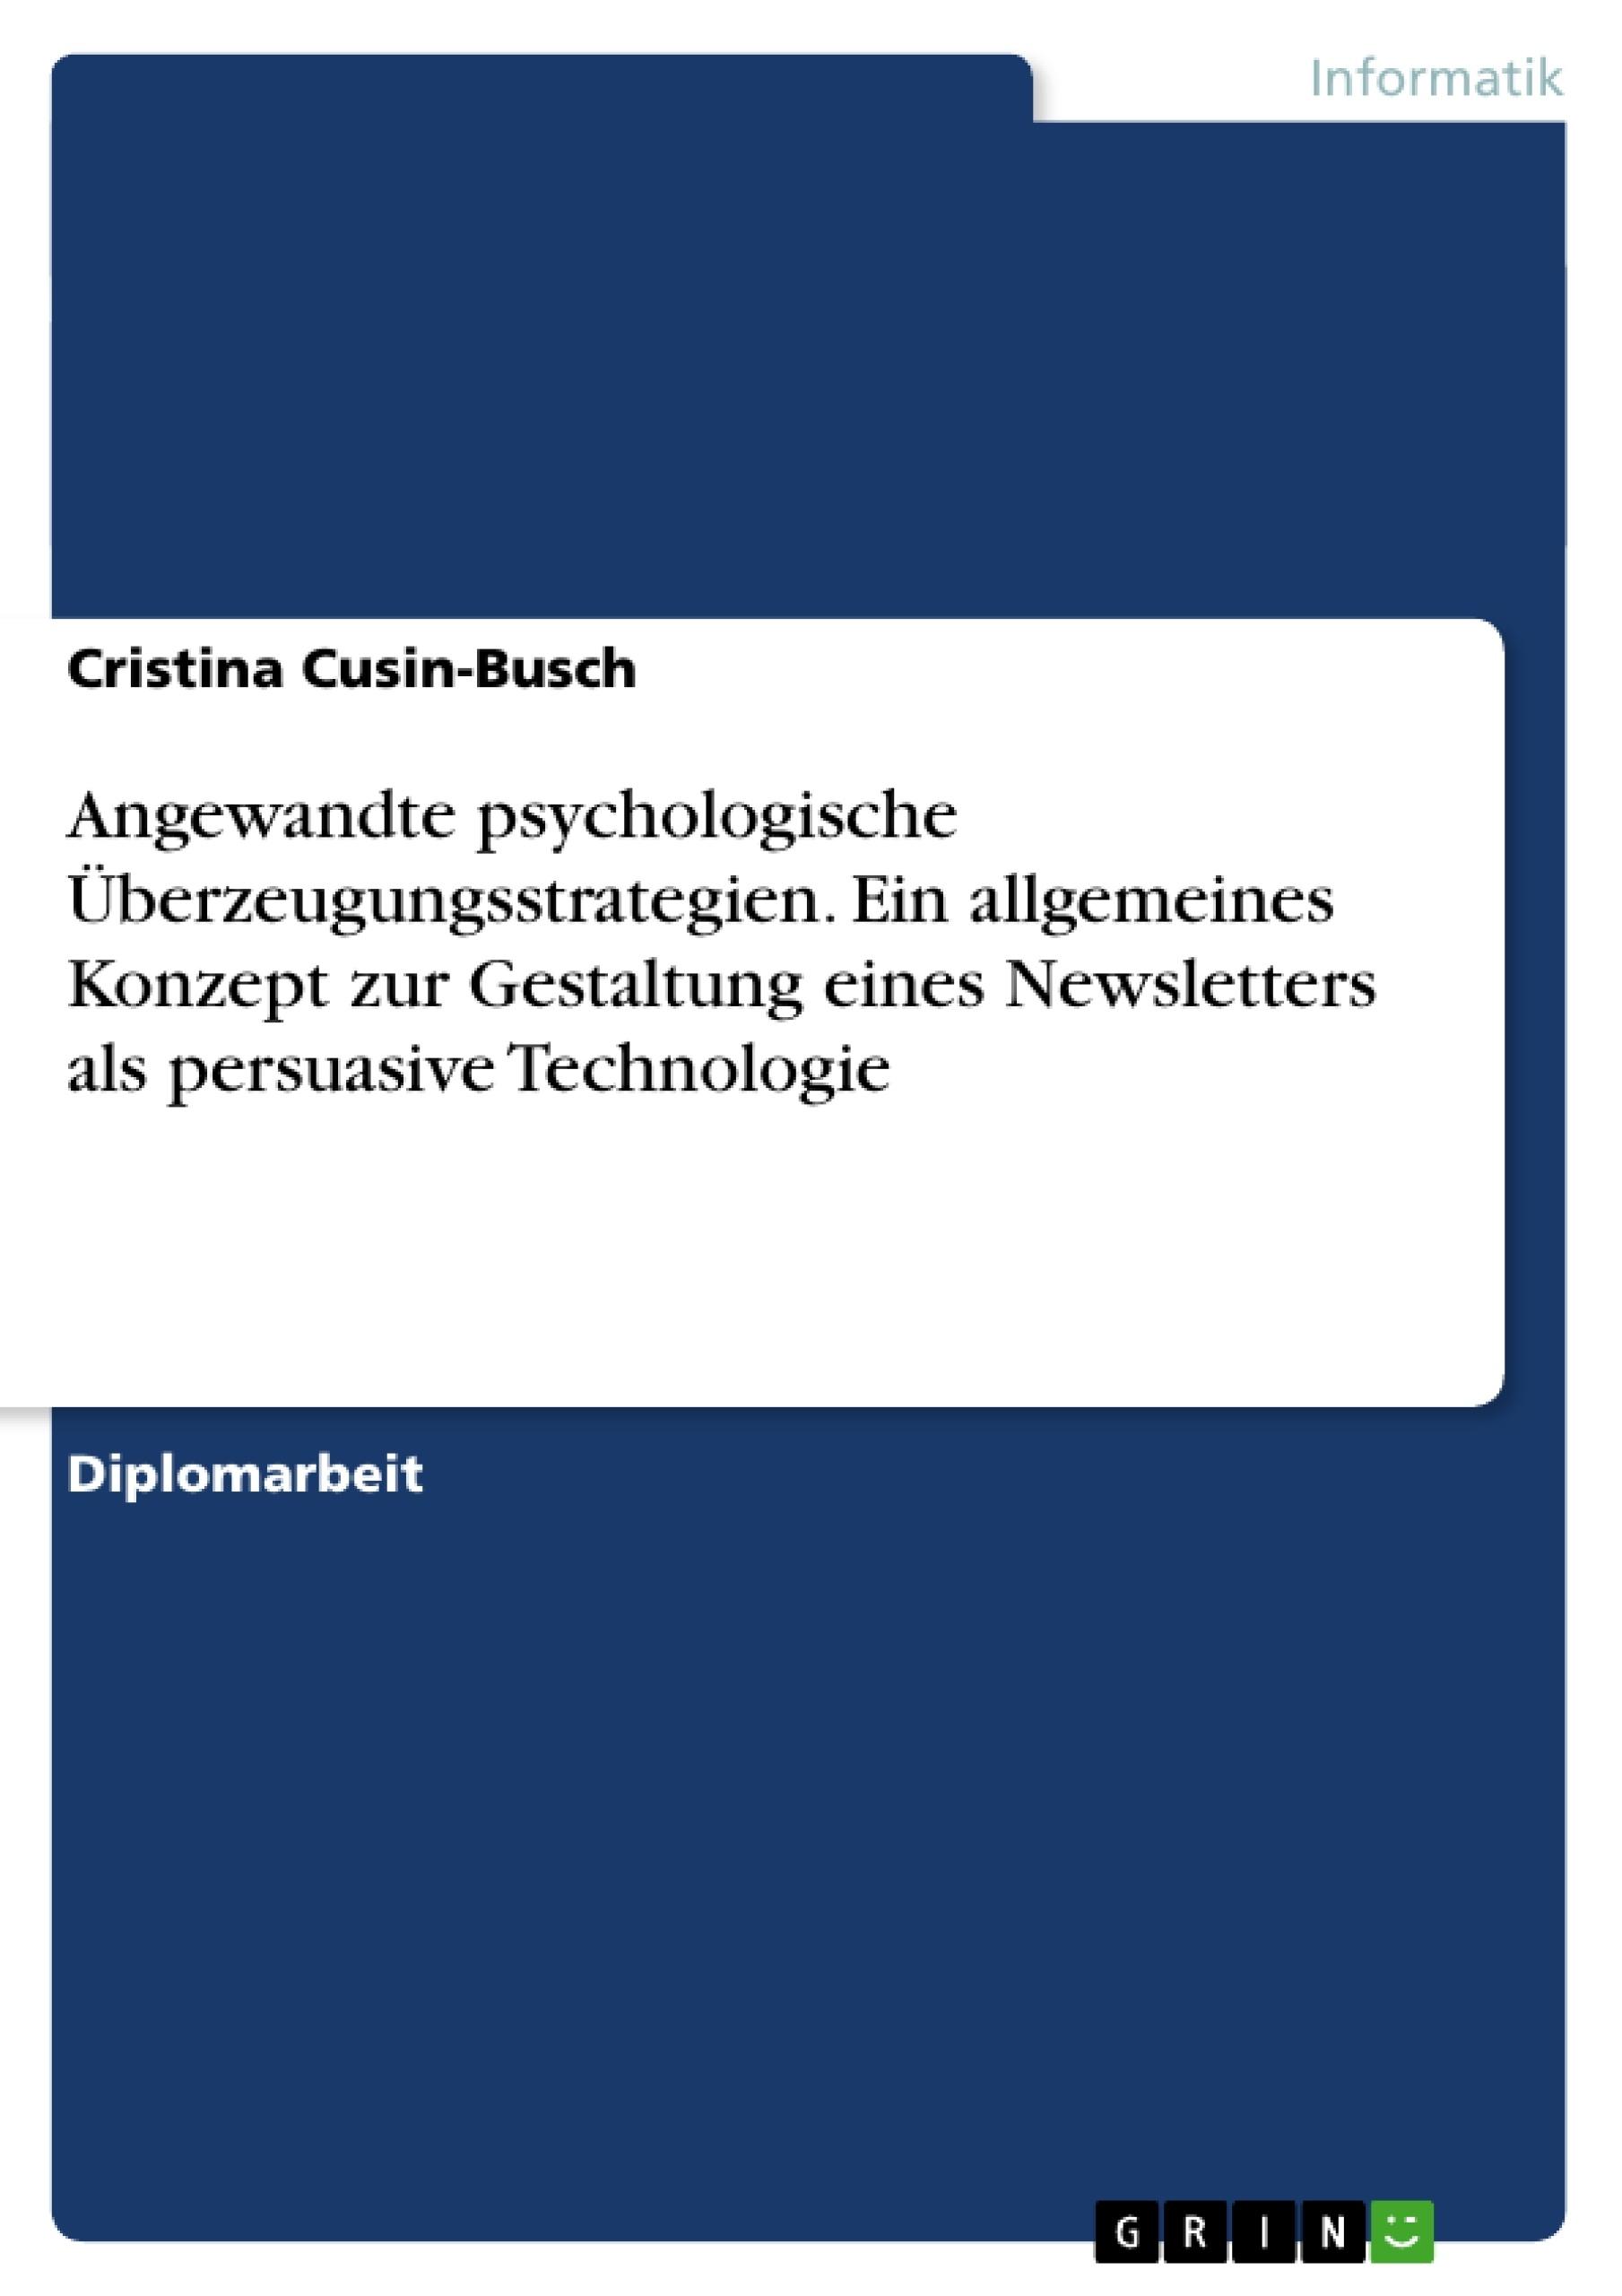 Titel: Angewandte psychologische Überzeugungsstrategien. Ein allgemeines Konzept zur Gestaltung eines Newsletters als persuasive Technologie